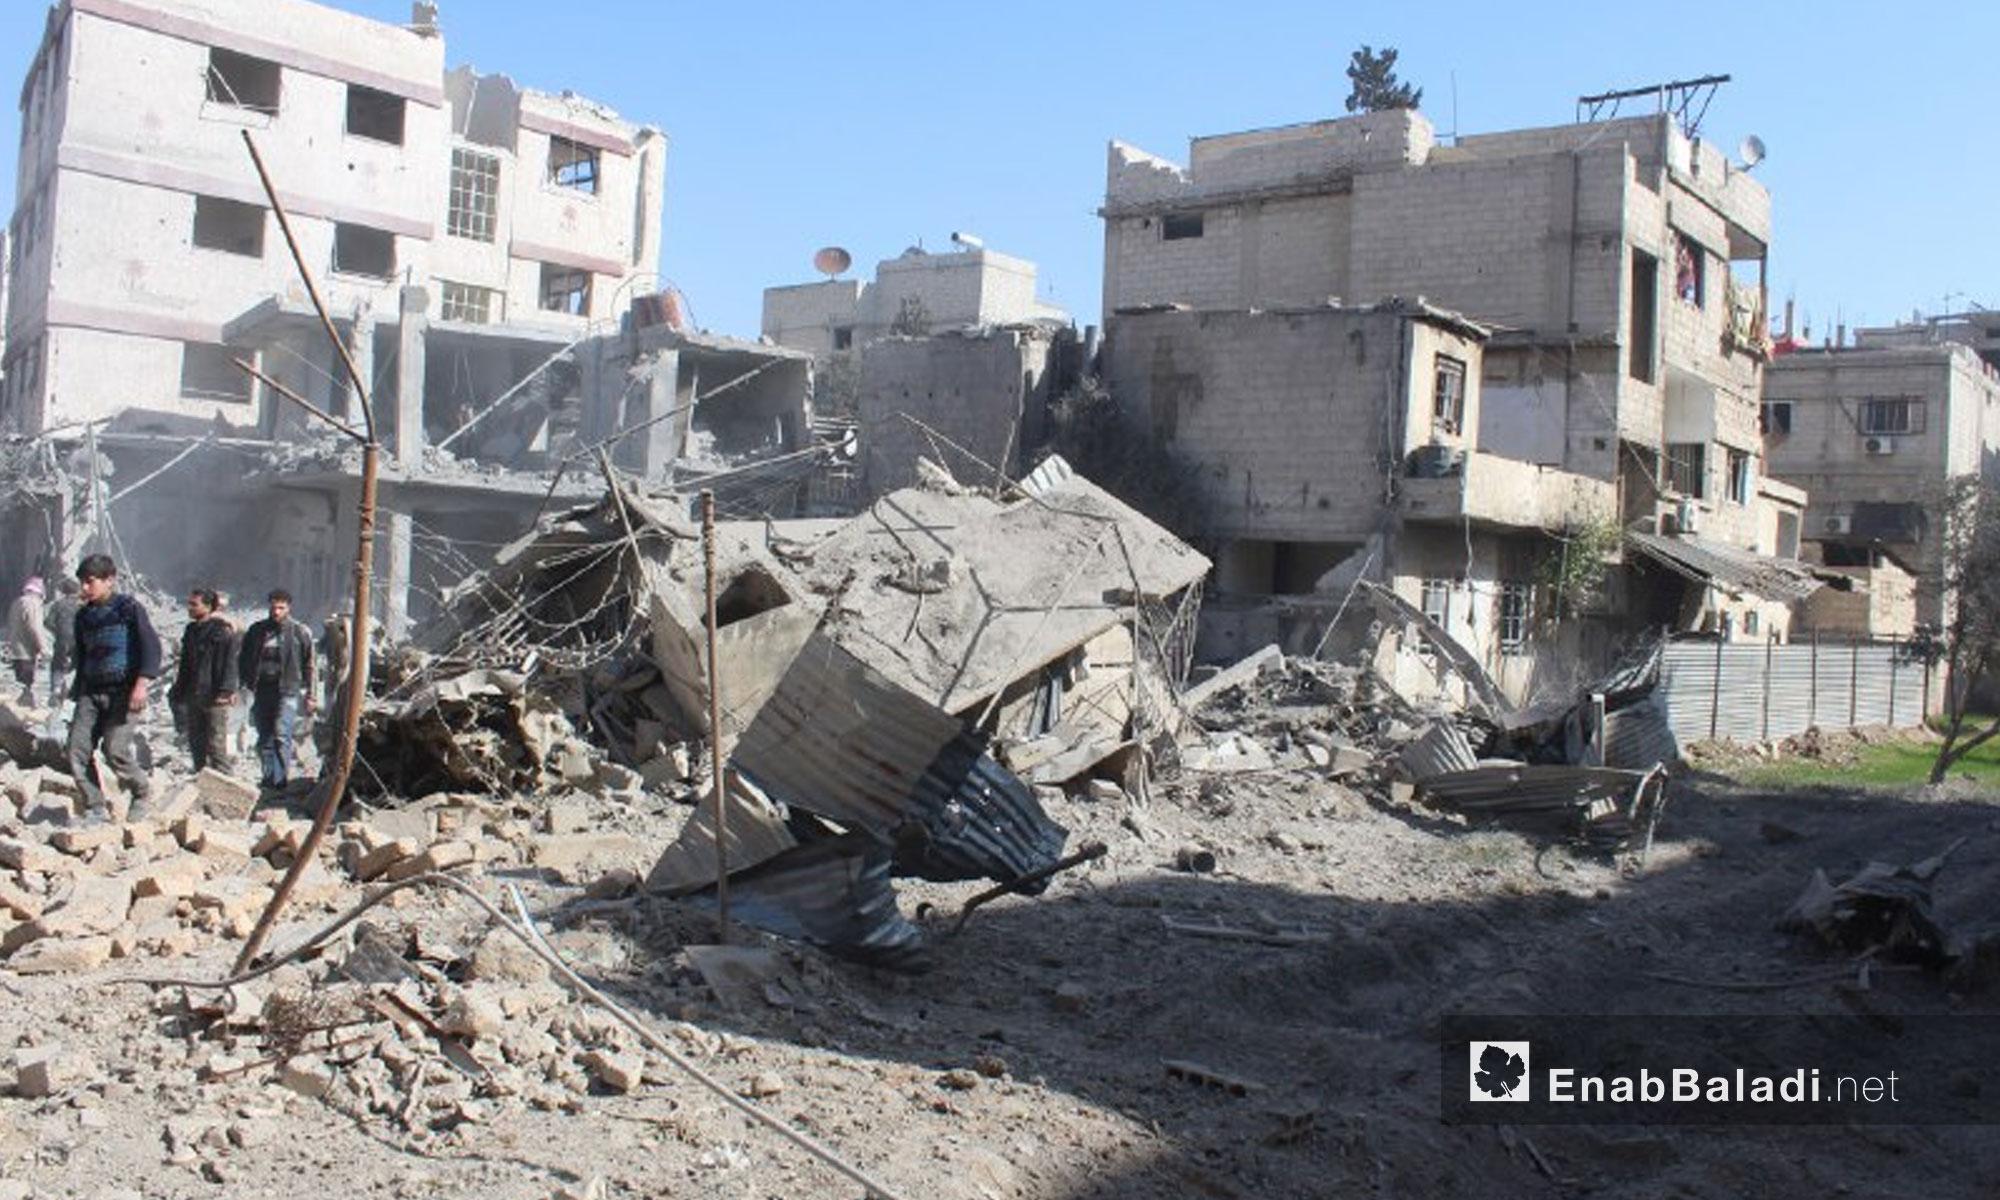 آثار القصف على بلدة حمورية في الغوطة الشرقية - 7 شباط 2018 (عنب بلدي)